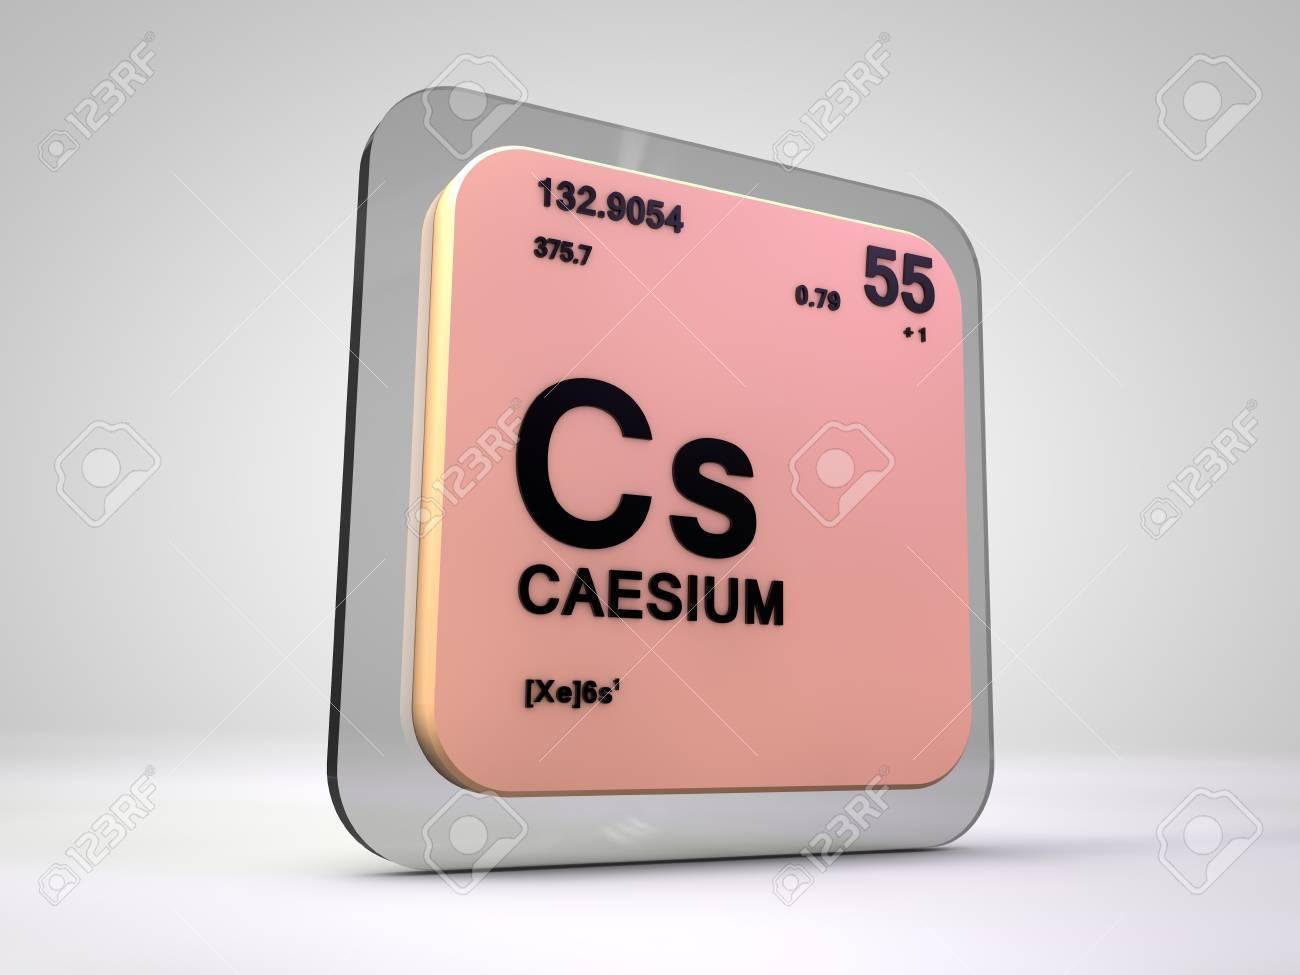 Cesium cs chemical element periodic table 3d render stock cesium cs chemical element periodic table 3d render stock photo 74941688 gamestrikefo Choice Image